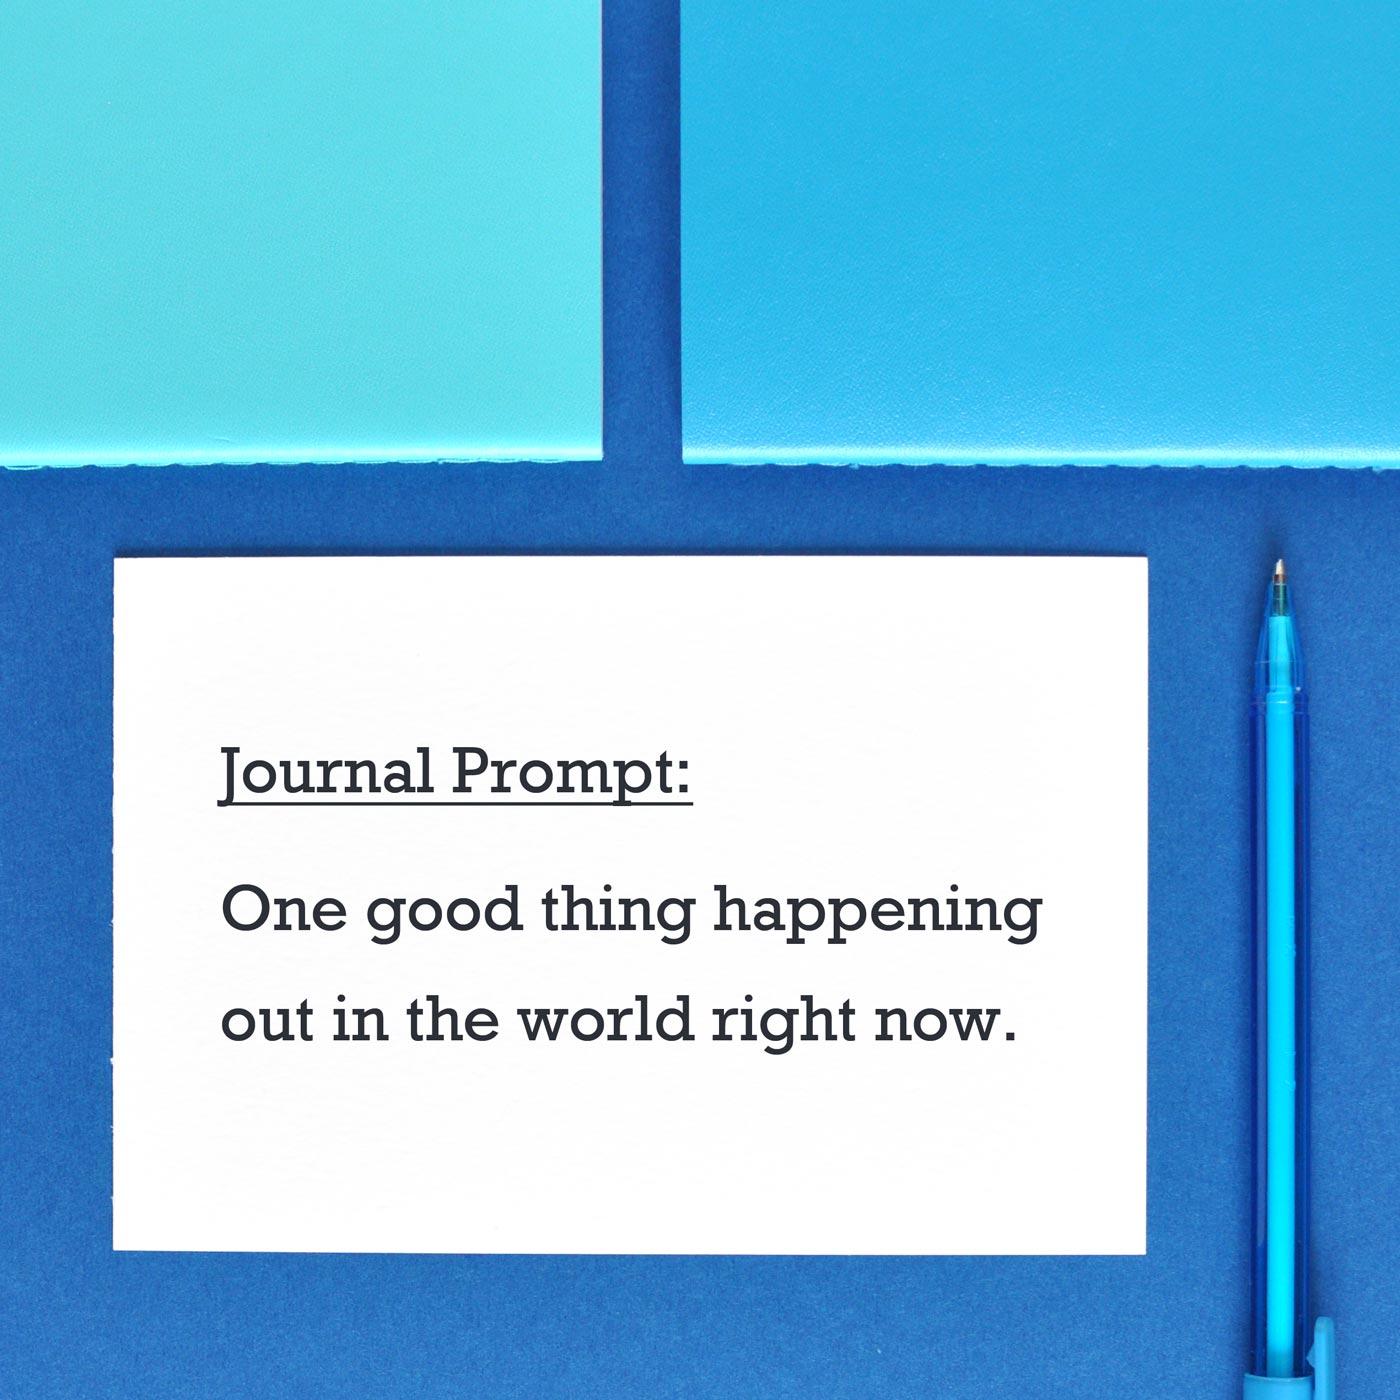 07-03-2018---Journal-prompt-by-Christie-Zimmer.jpg